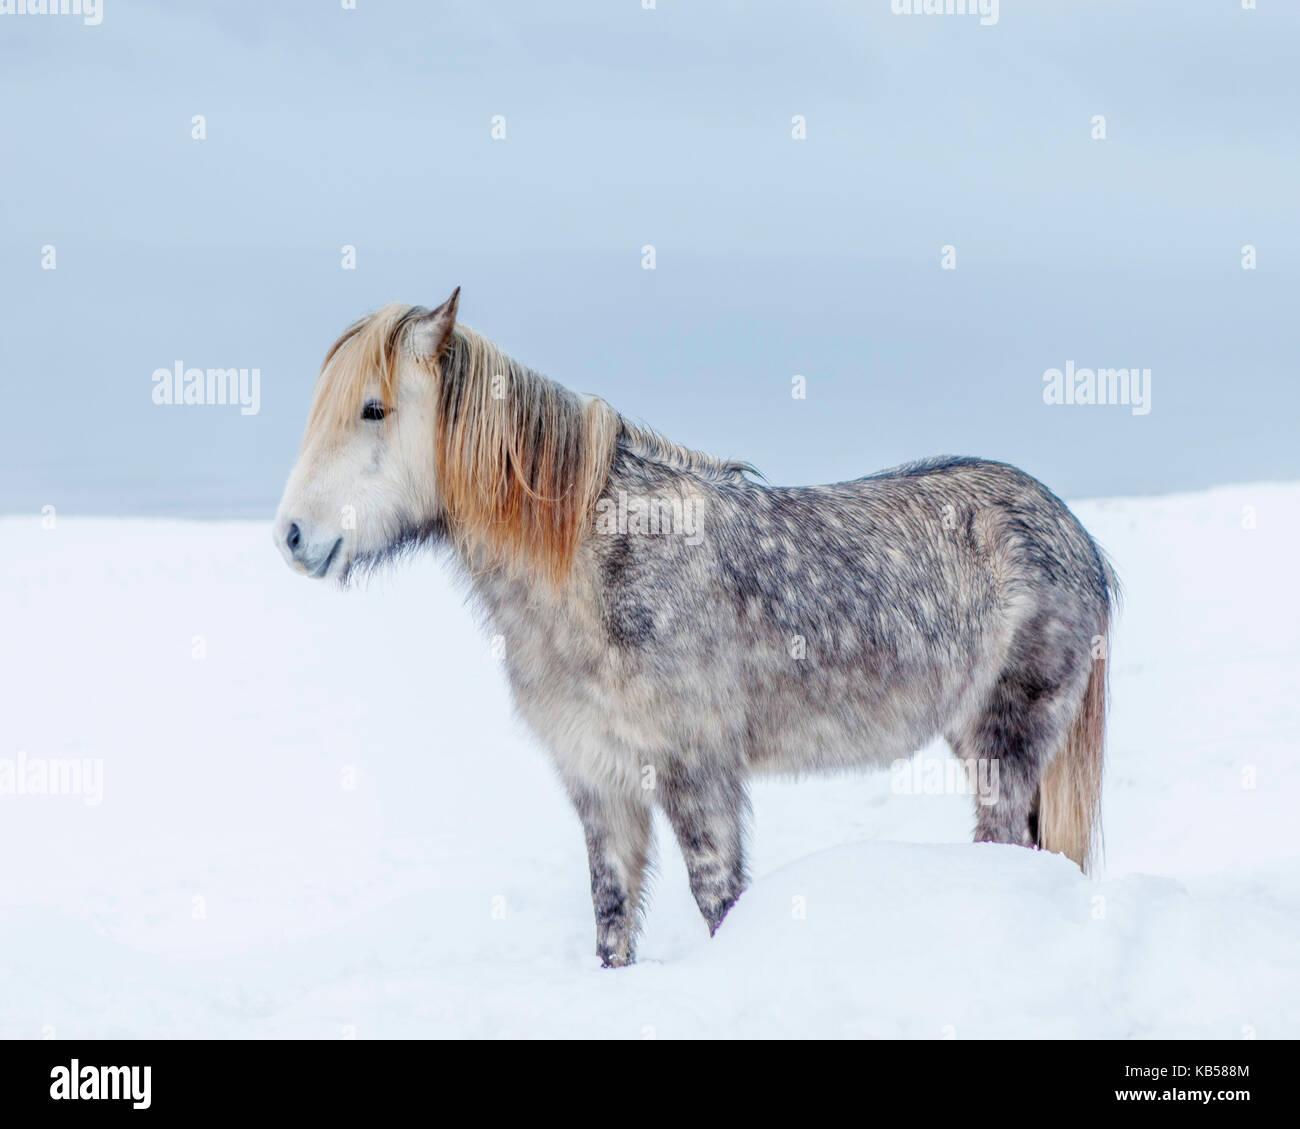 Portrait Islandpferd, Island das Islandpferd ist eine Rasse, die in Island mit vielen einzigartigen Eigenschaften Stockbild